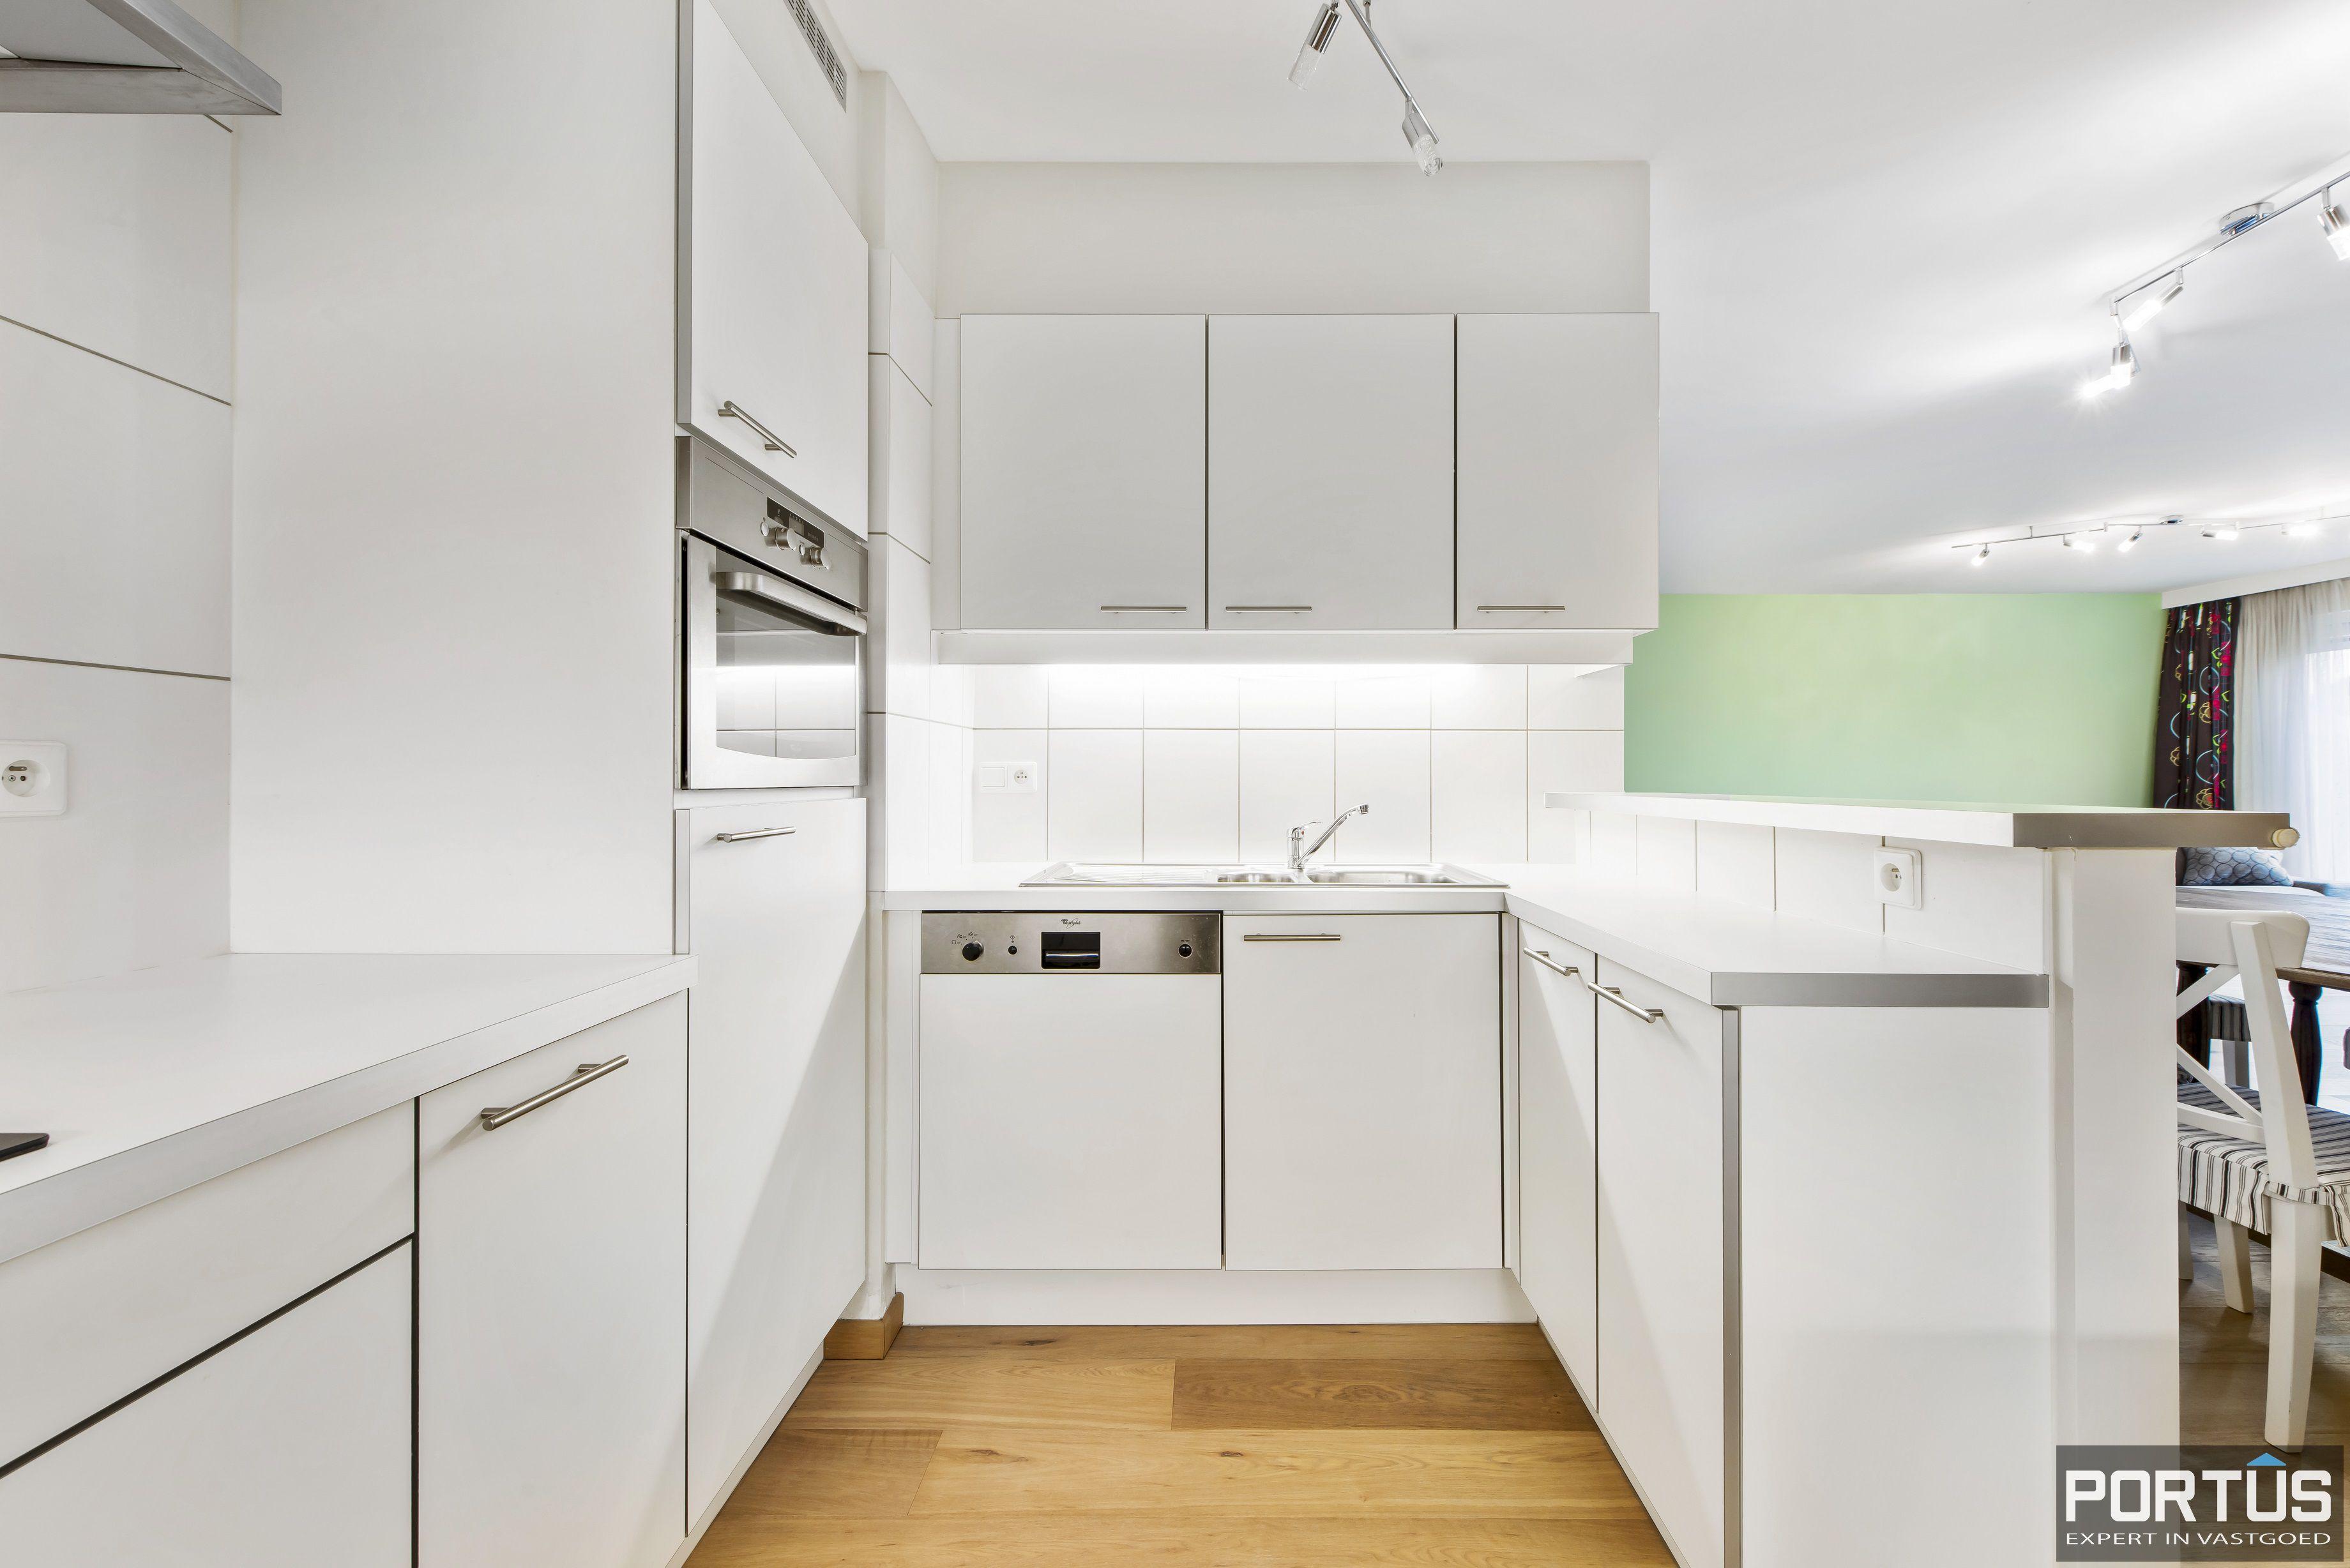 Gelijkvloers appartement te koop met 2 slaapkamers en privé tuin - 9837